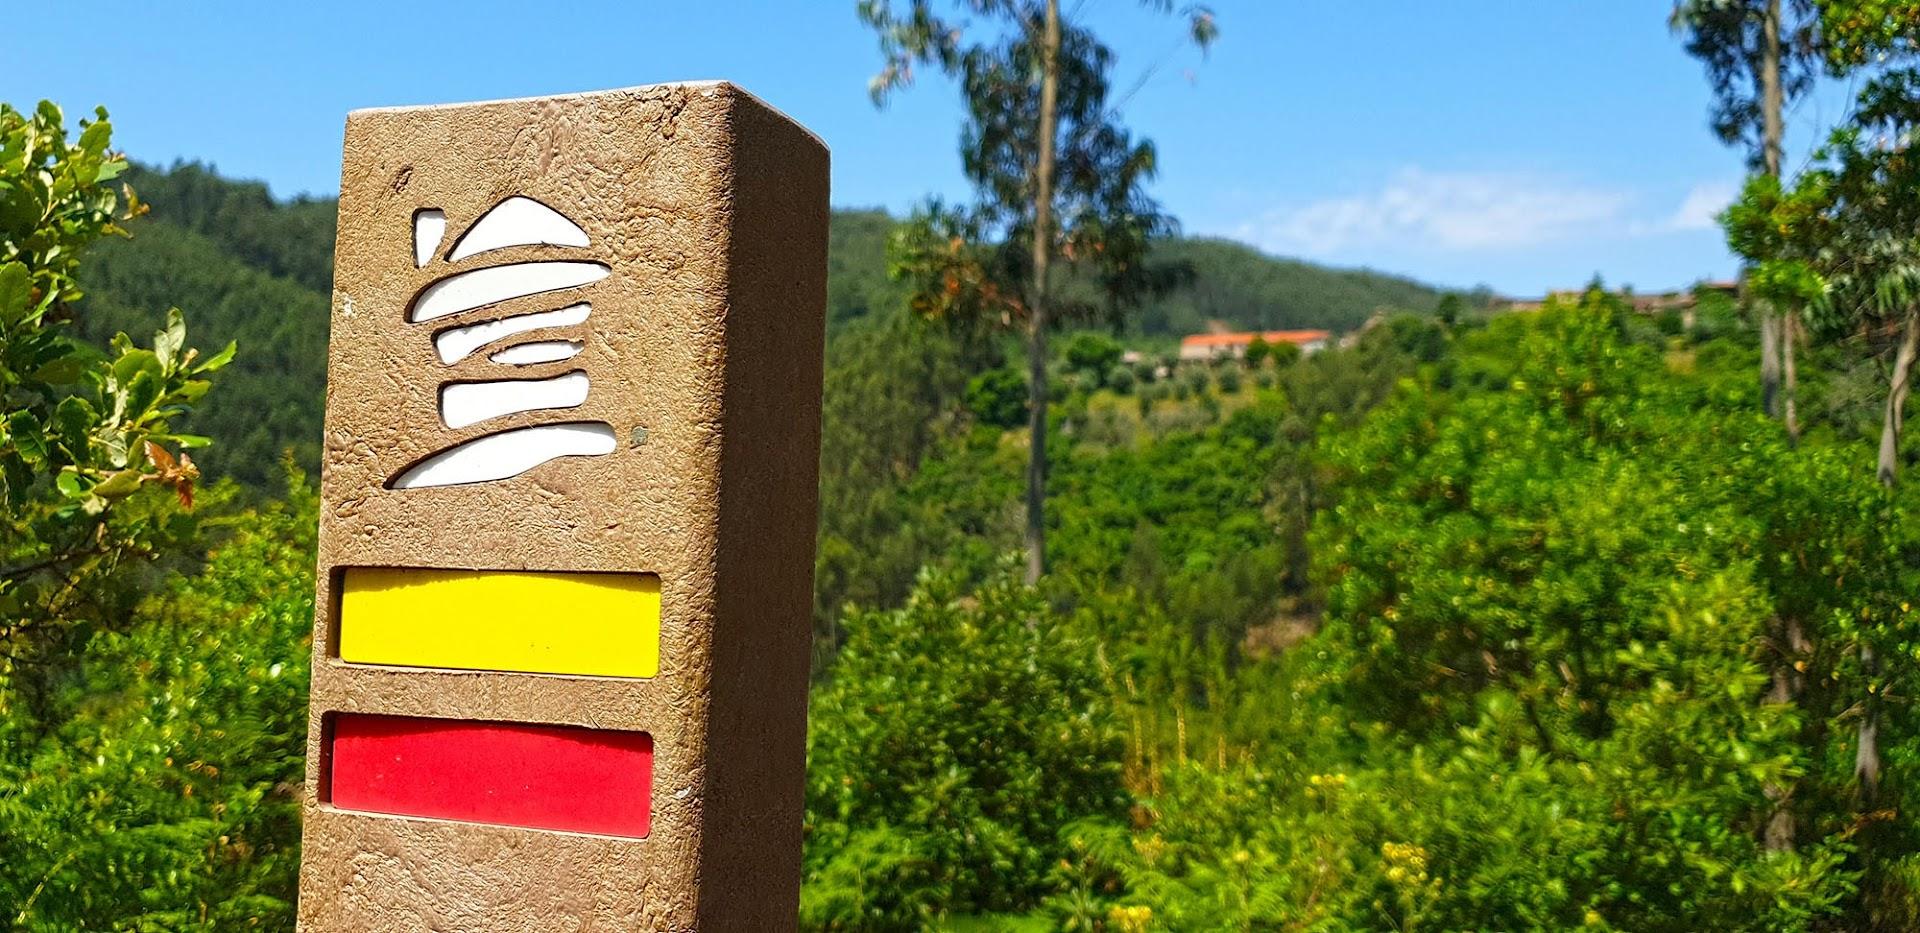 Visitar a SERRA DA LOUSÃ | O que ver e fazer nas aldeias de Xisto, trilhos e praias fluviais num roteiro para 3 dias